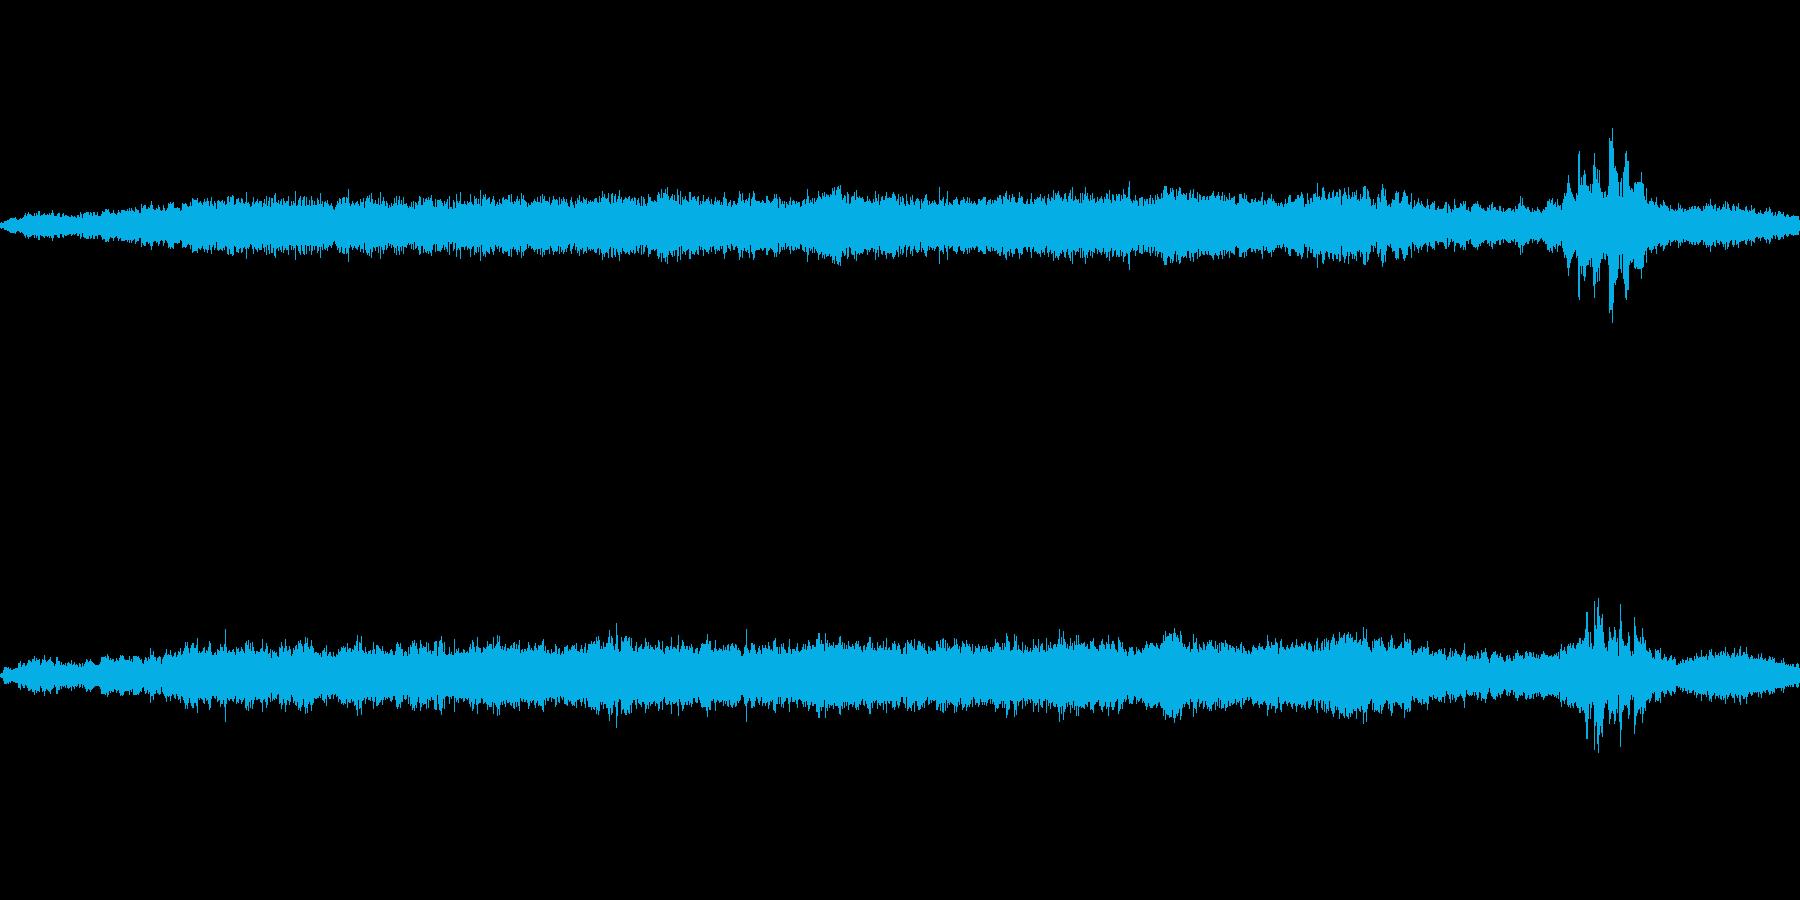 キラキラした幻想的なフィールド用の曲で…の再生済みの波形